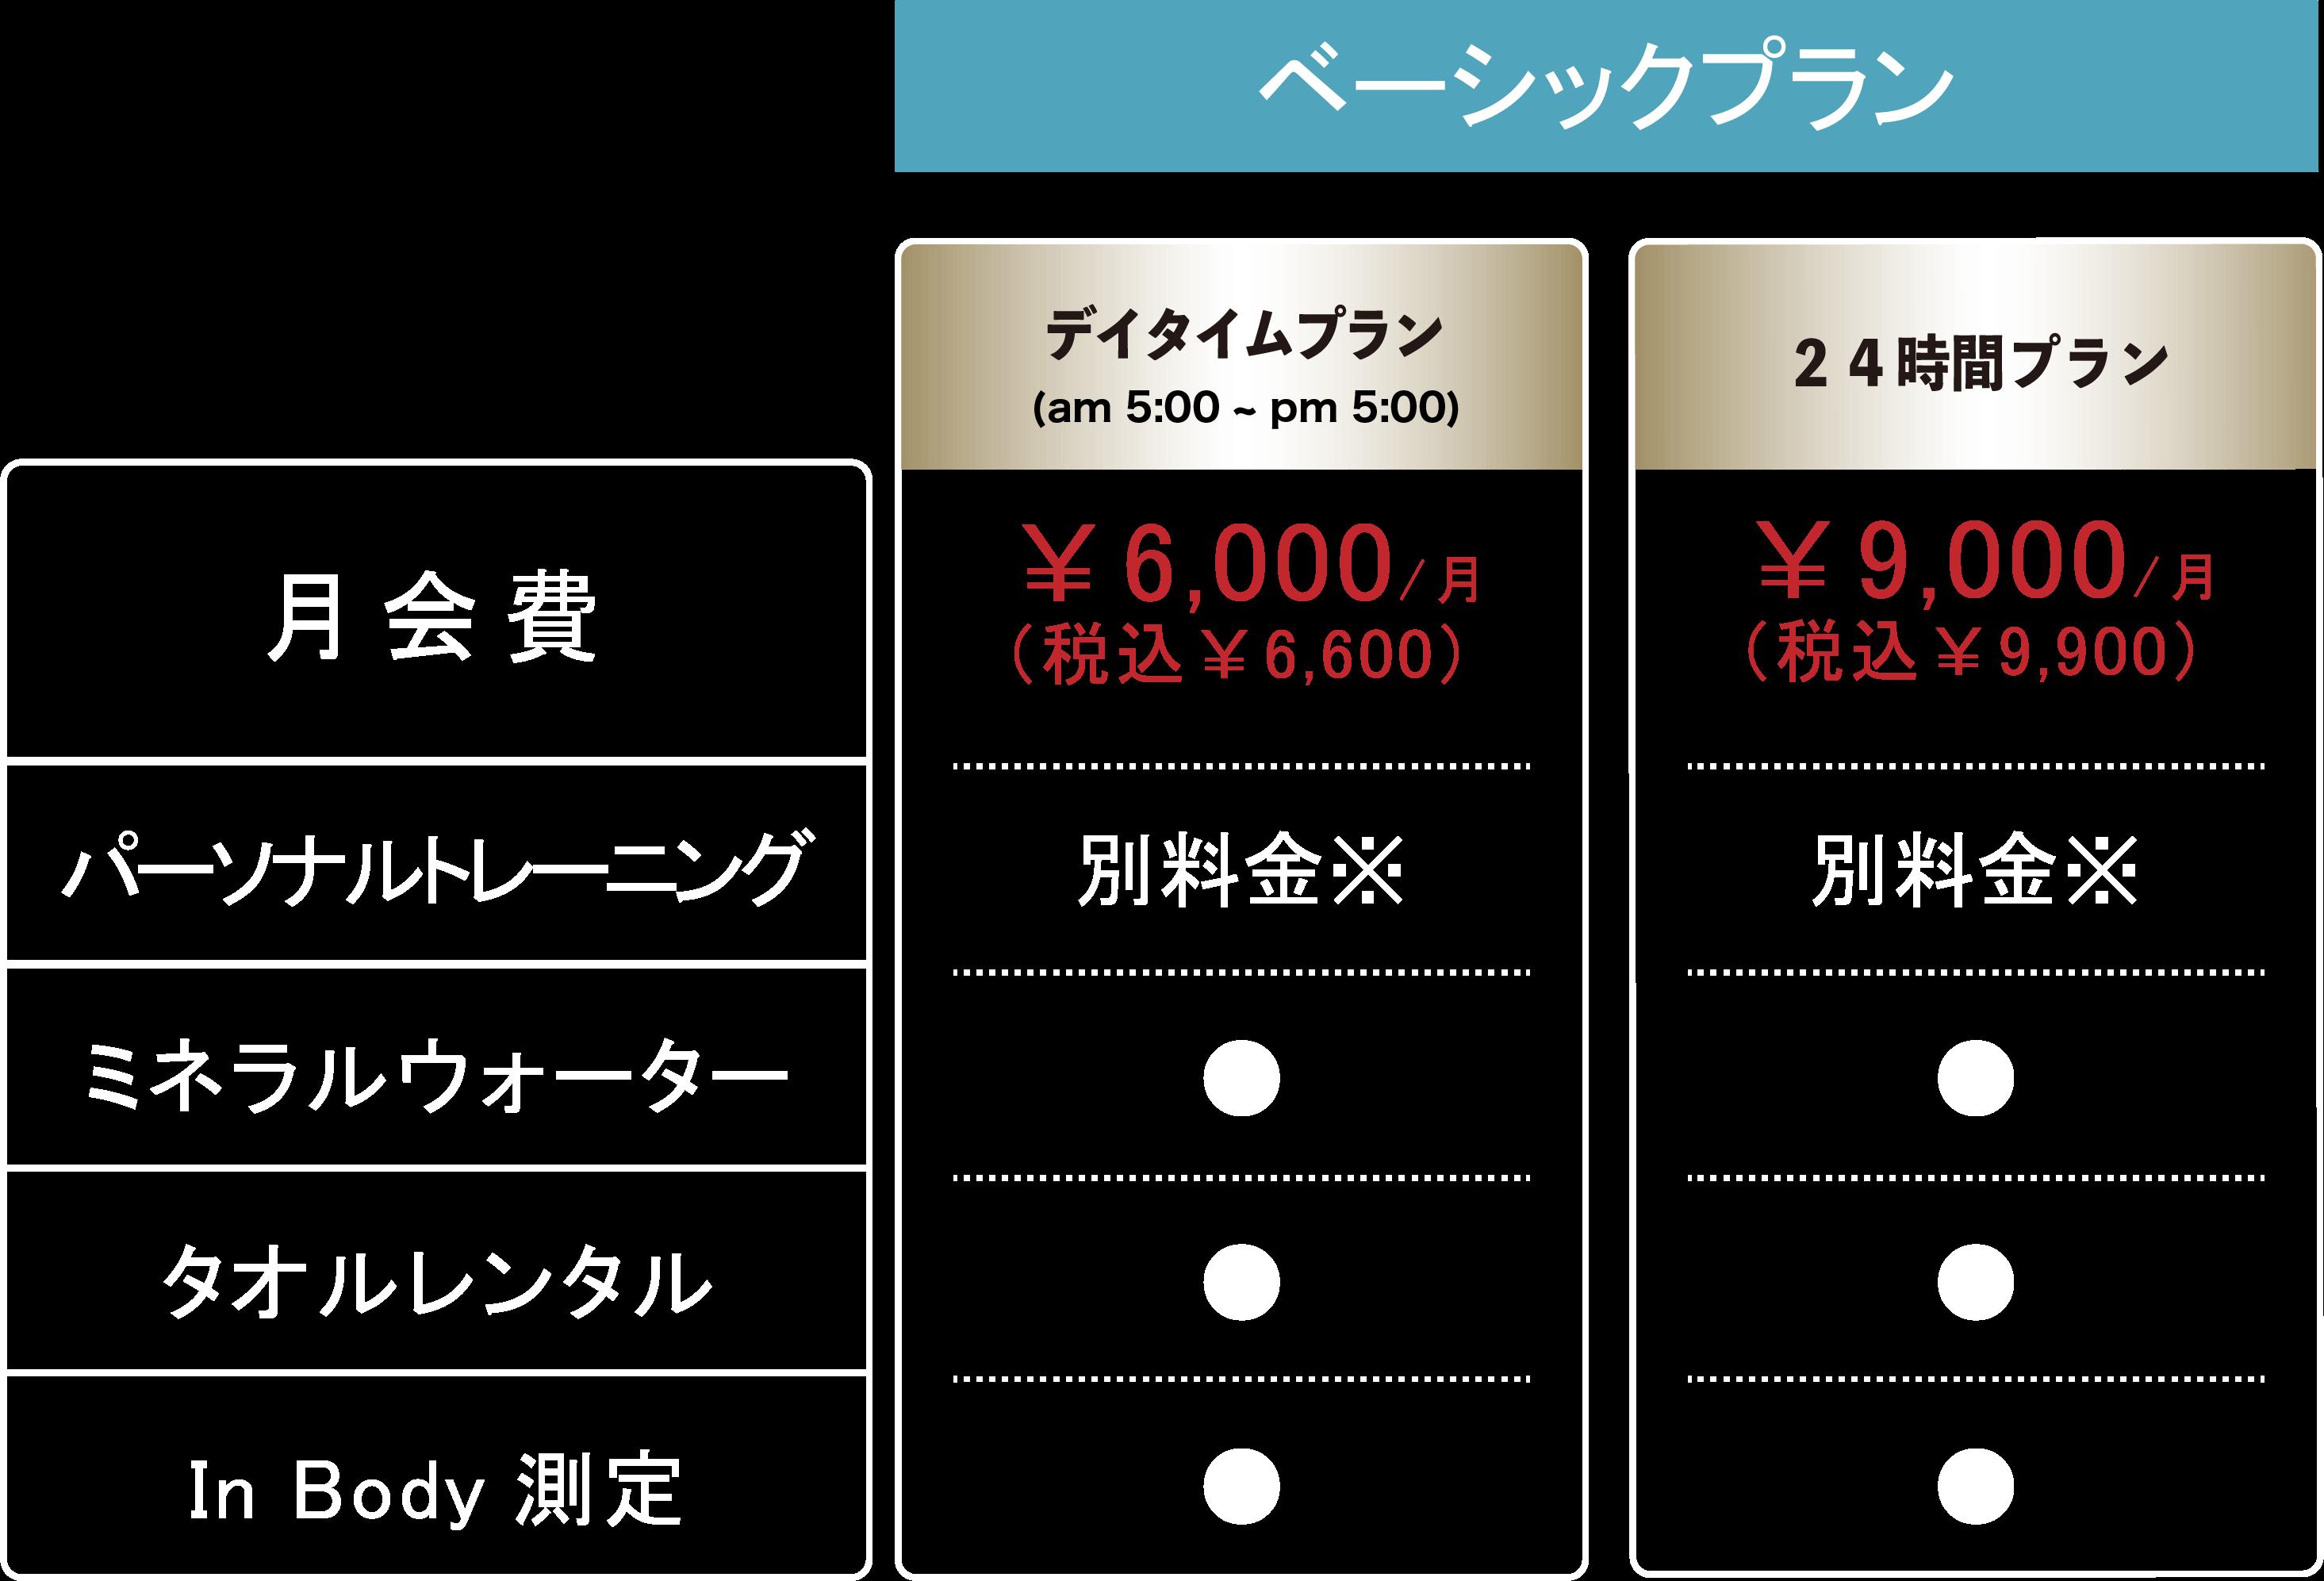 プラン比較表